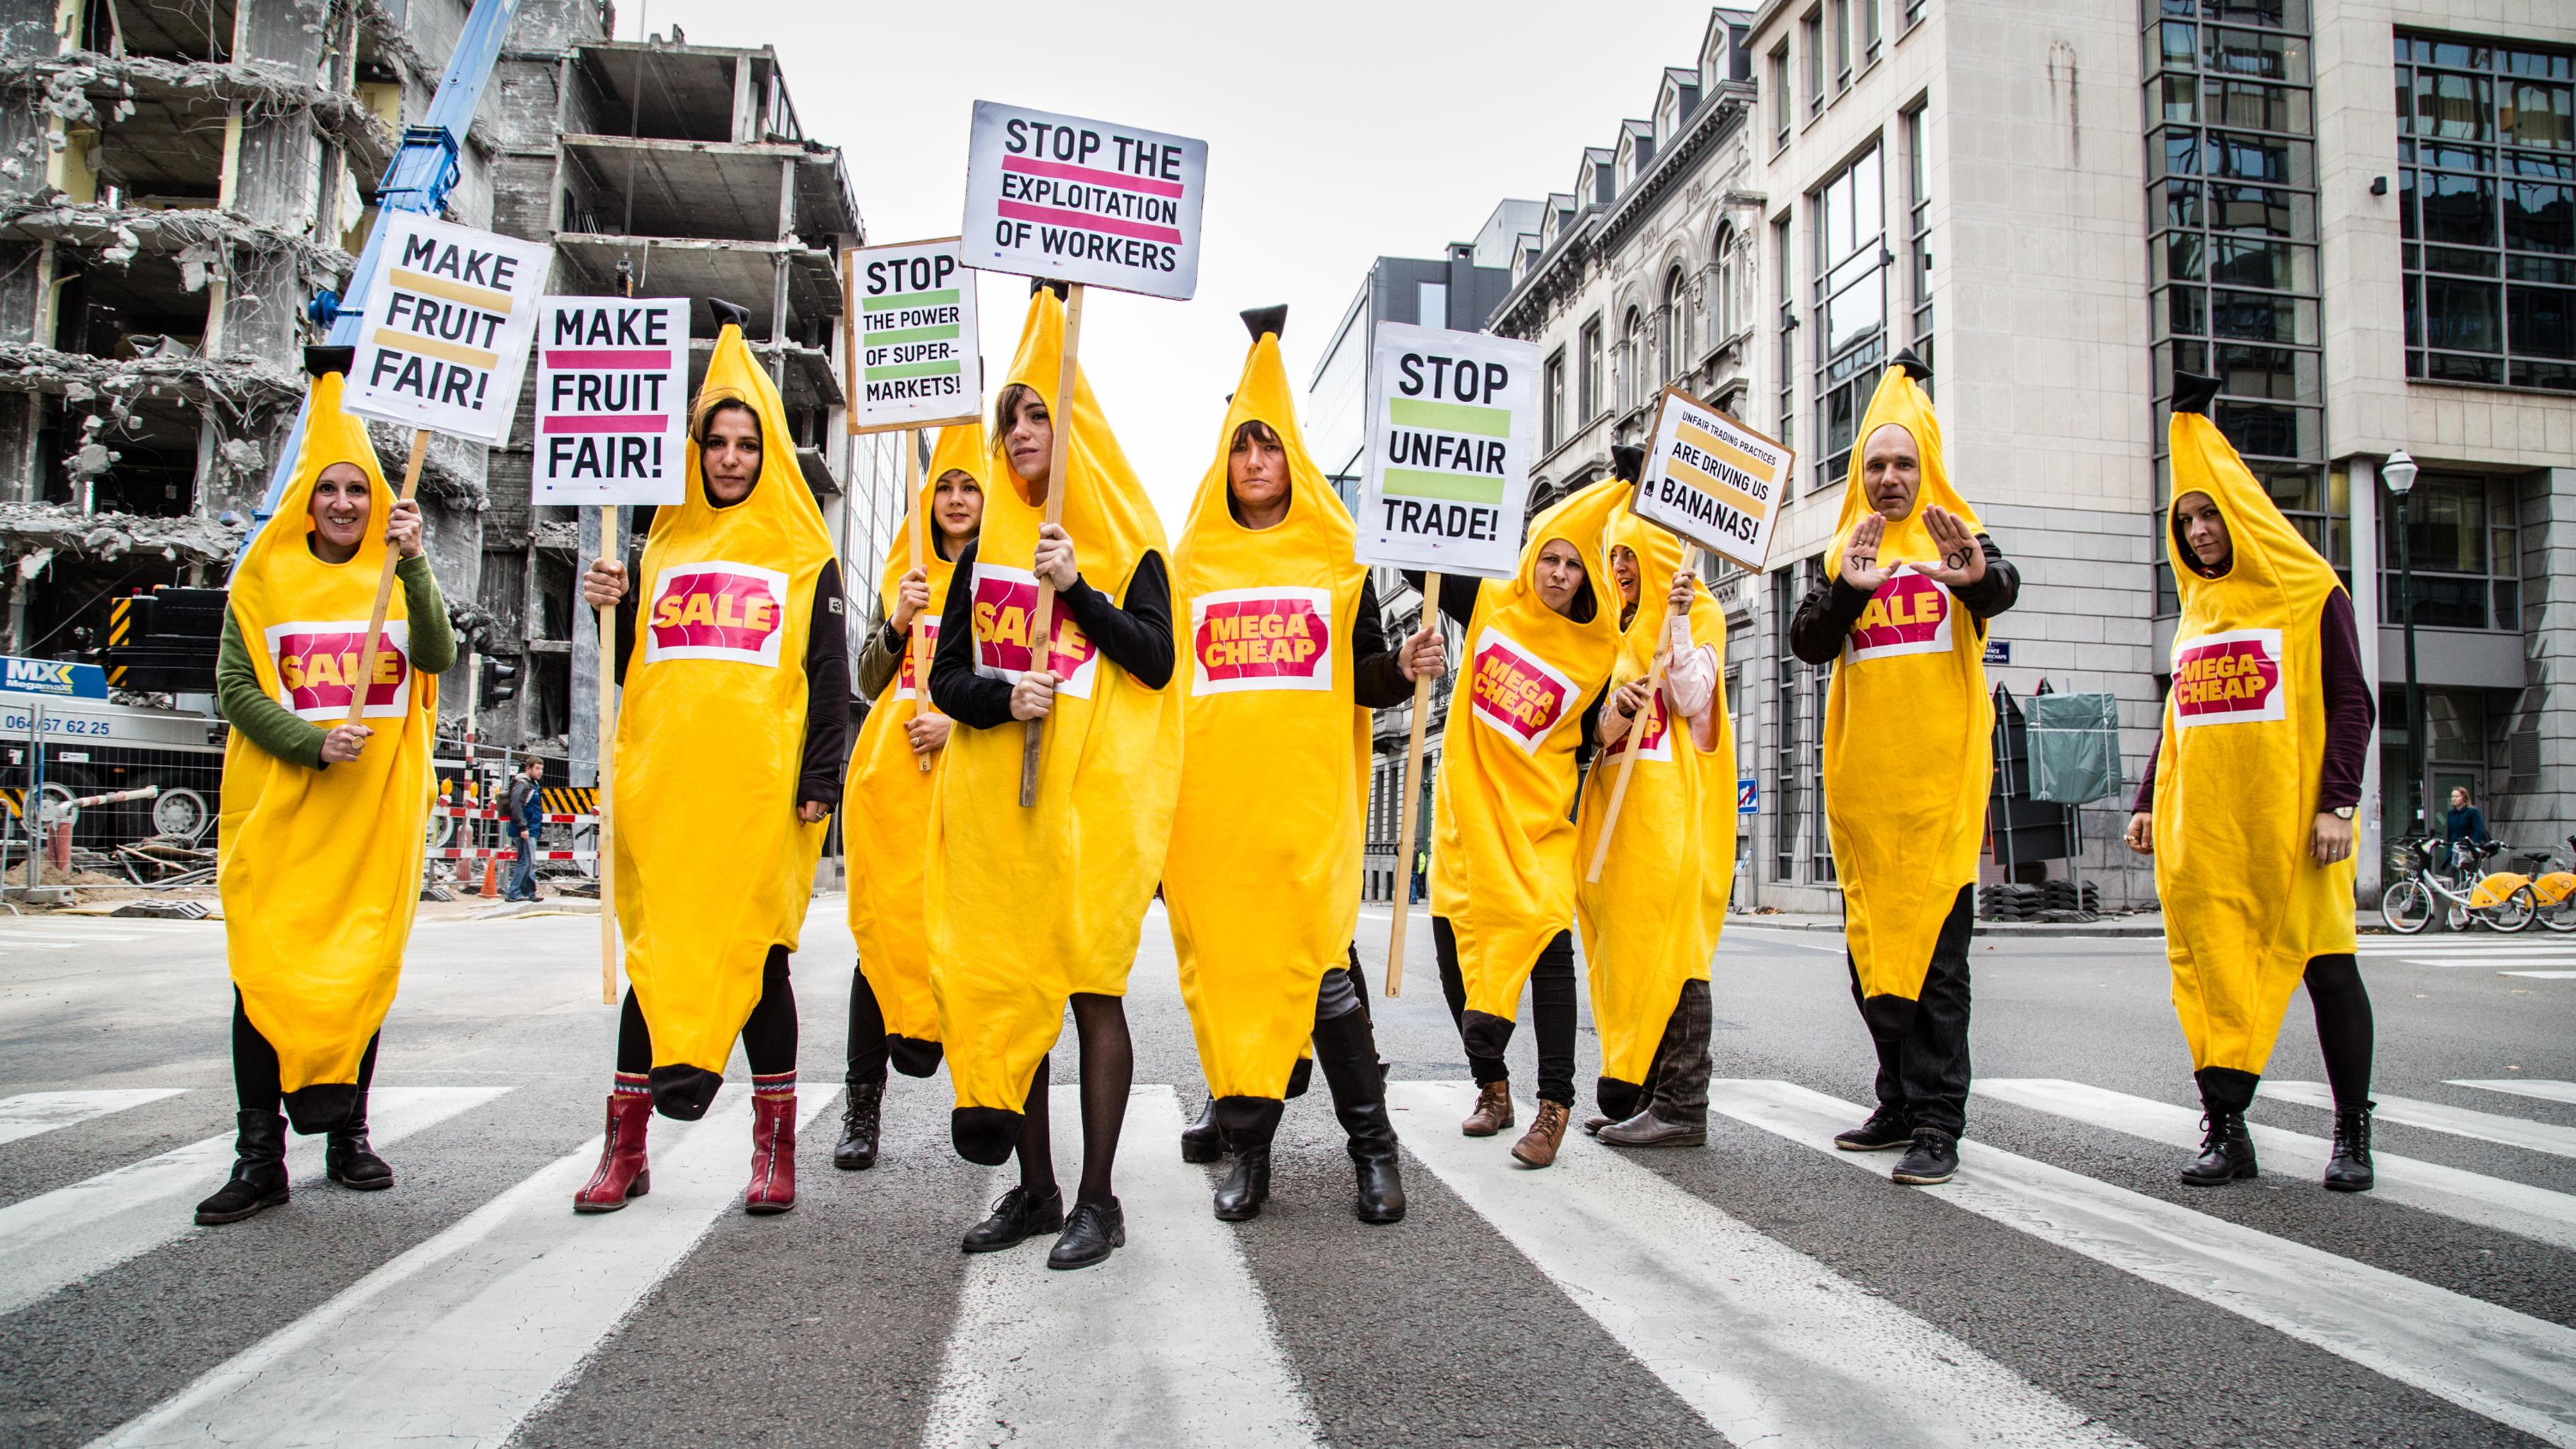 Make Fruit Fair: Aktivist/innen setzten ein Zeichen in Brüssel